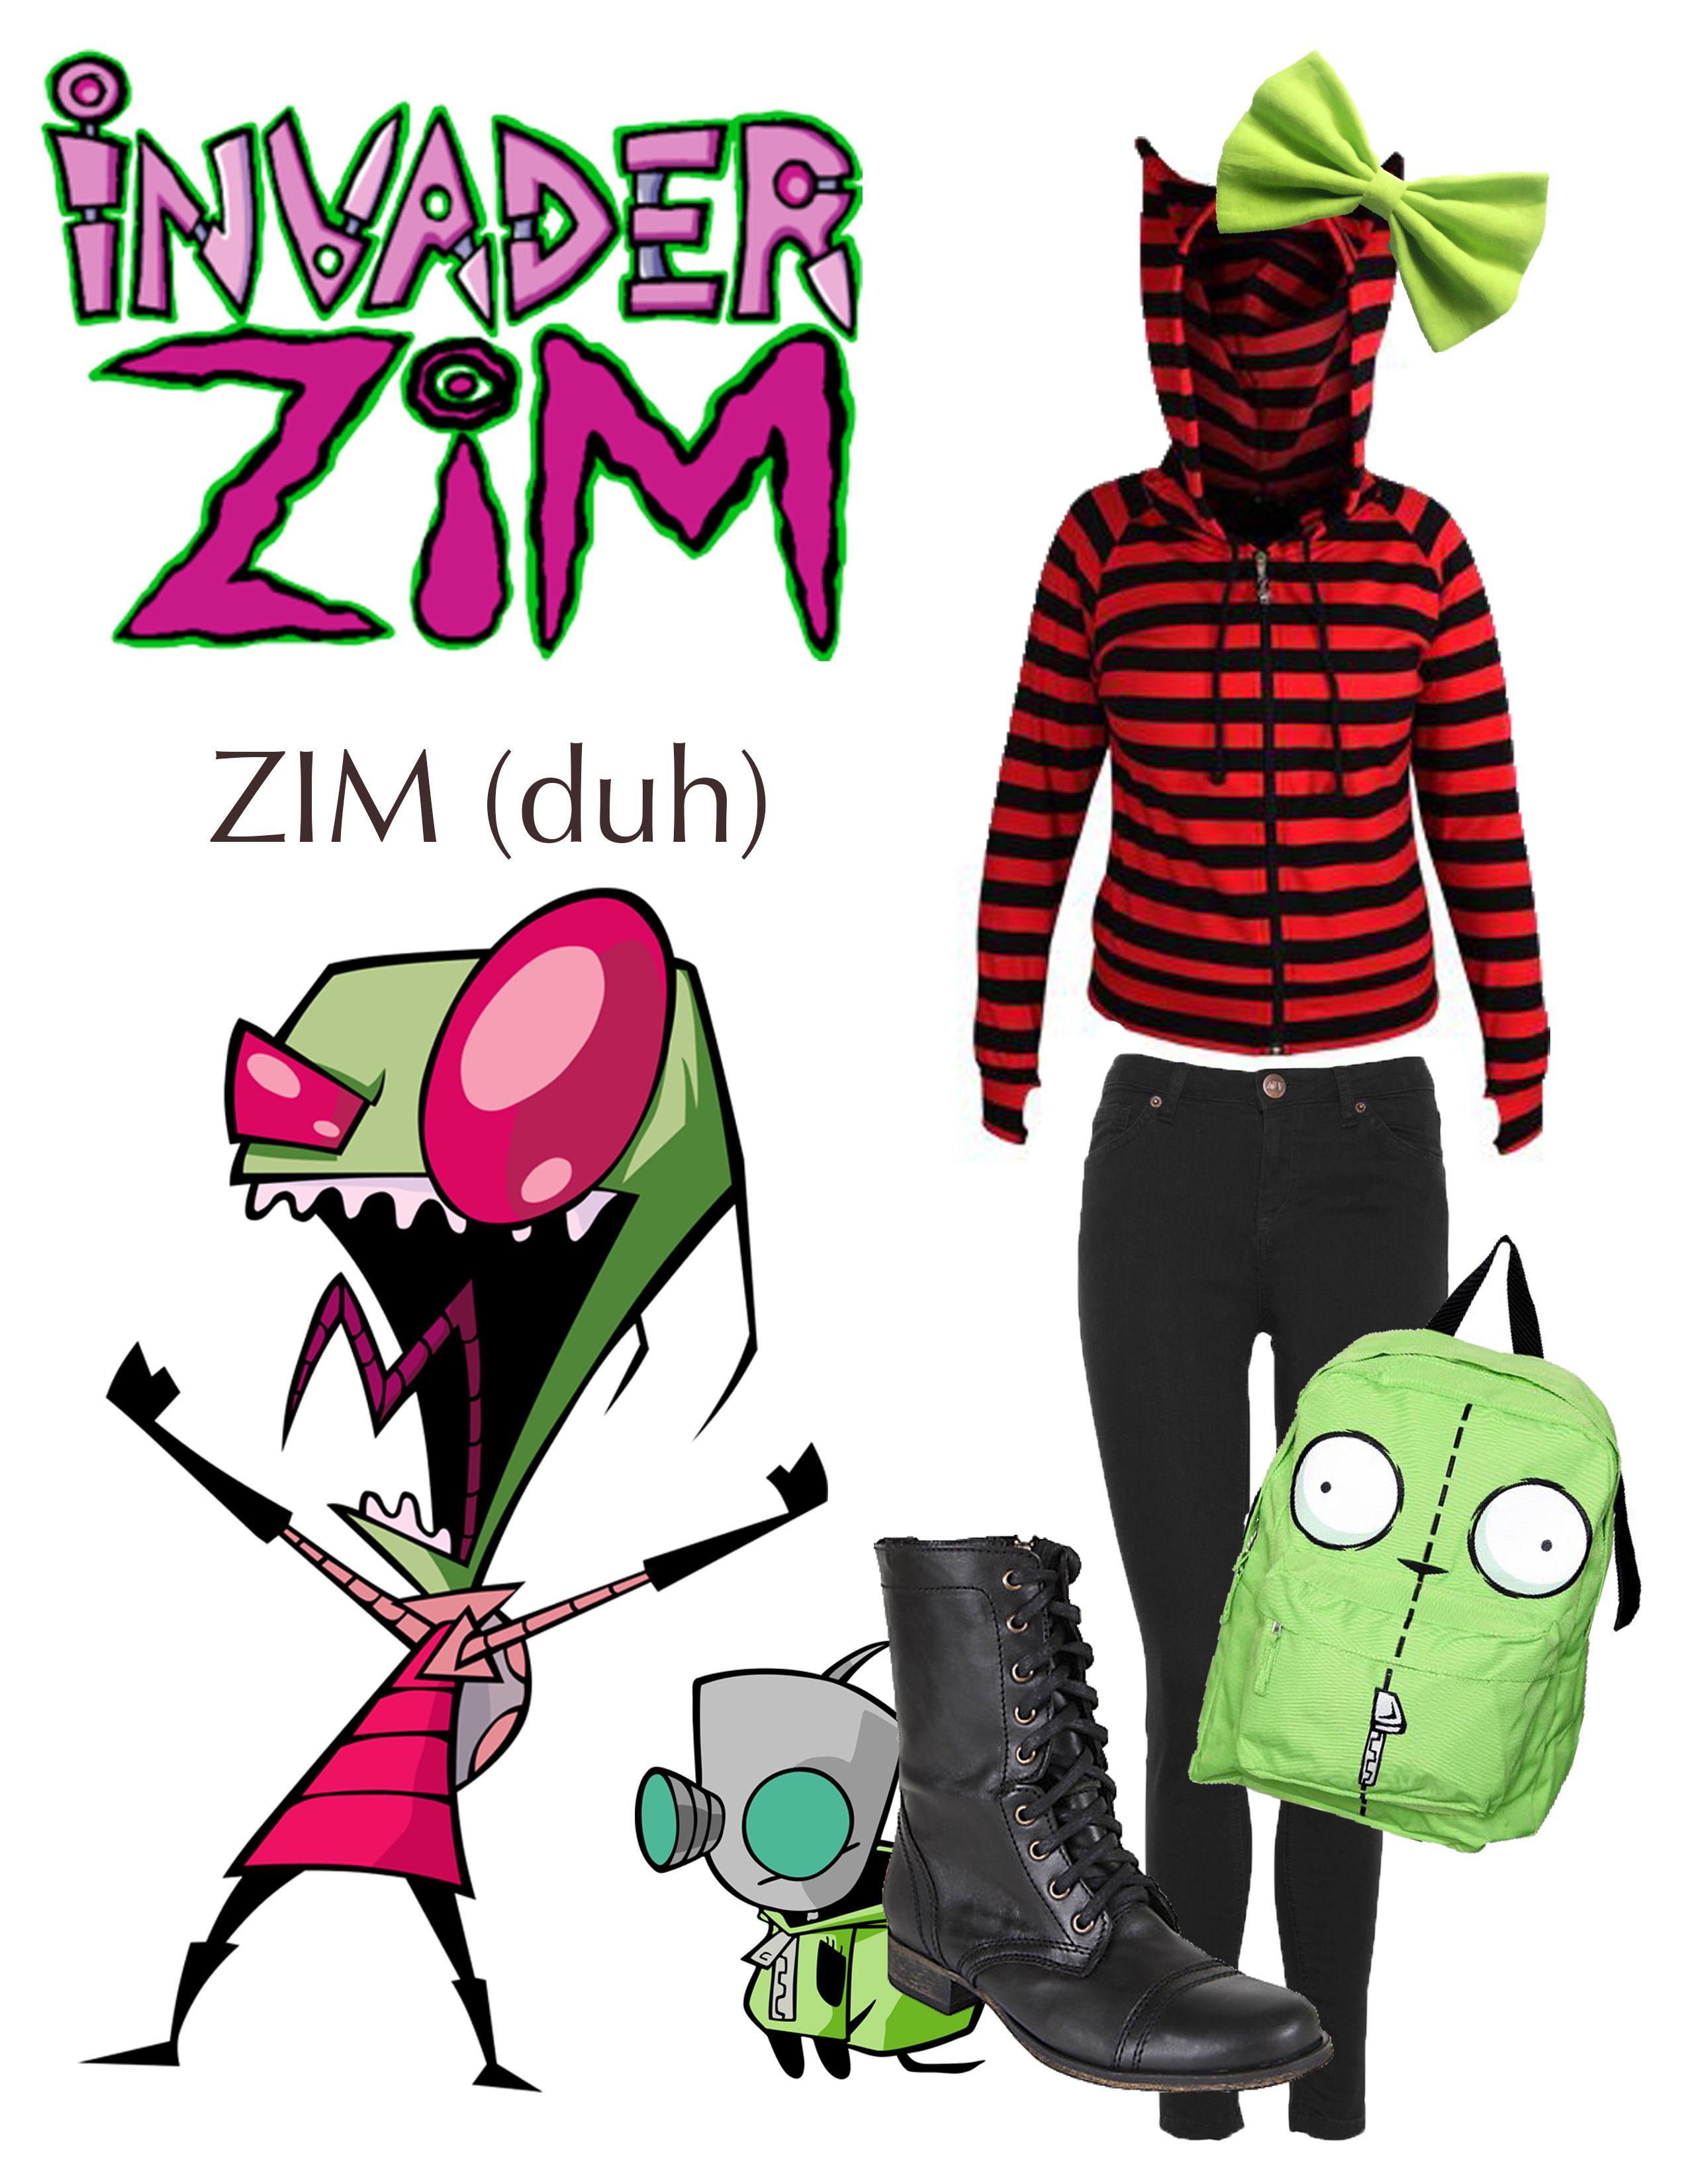 Emo Gir Invader Zim | www.topsimages.com